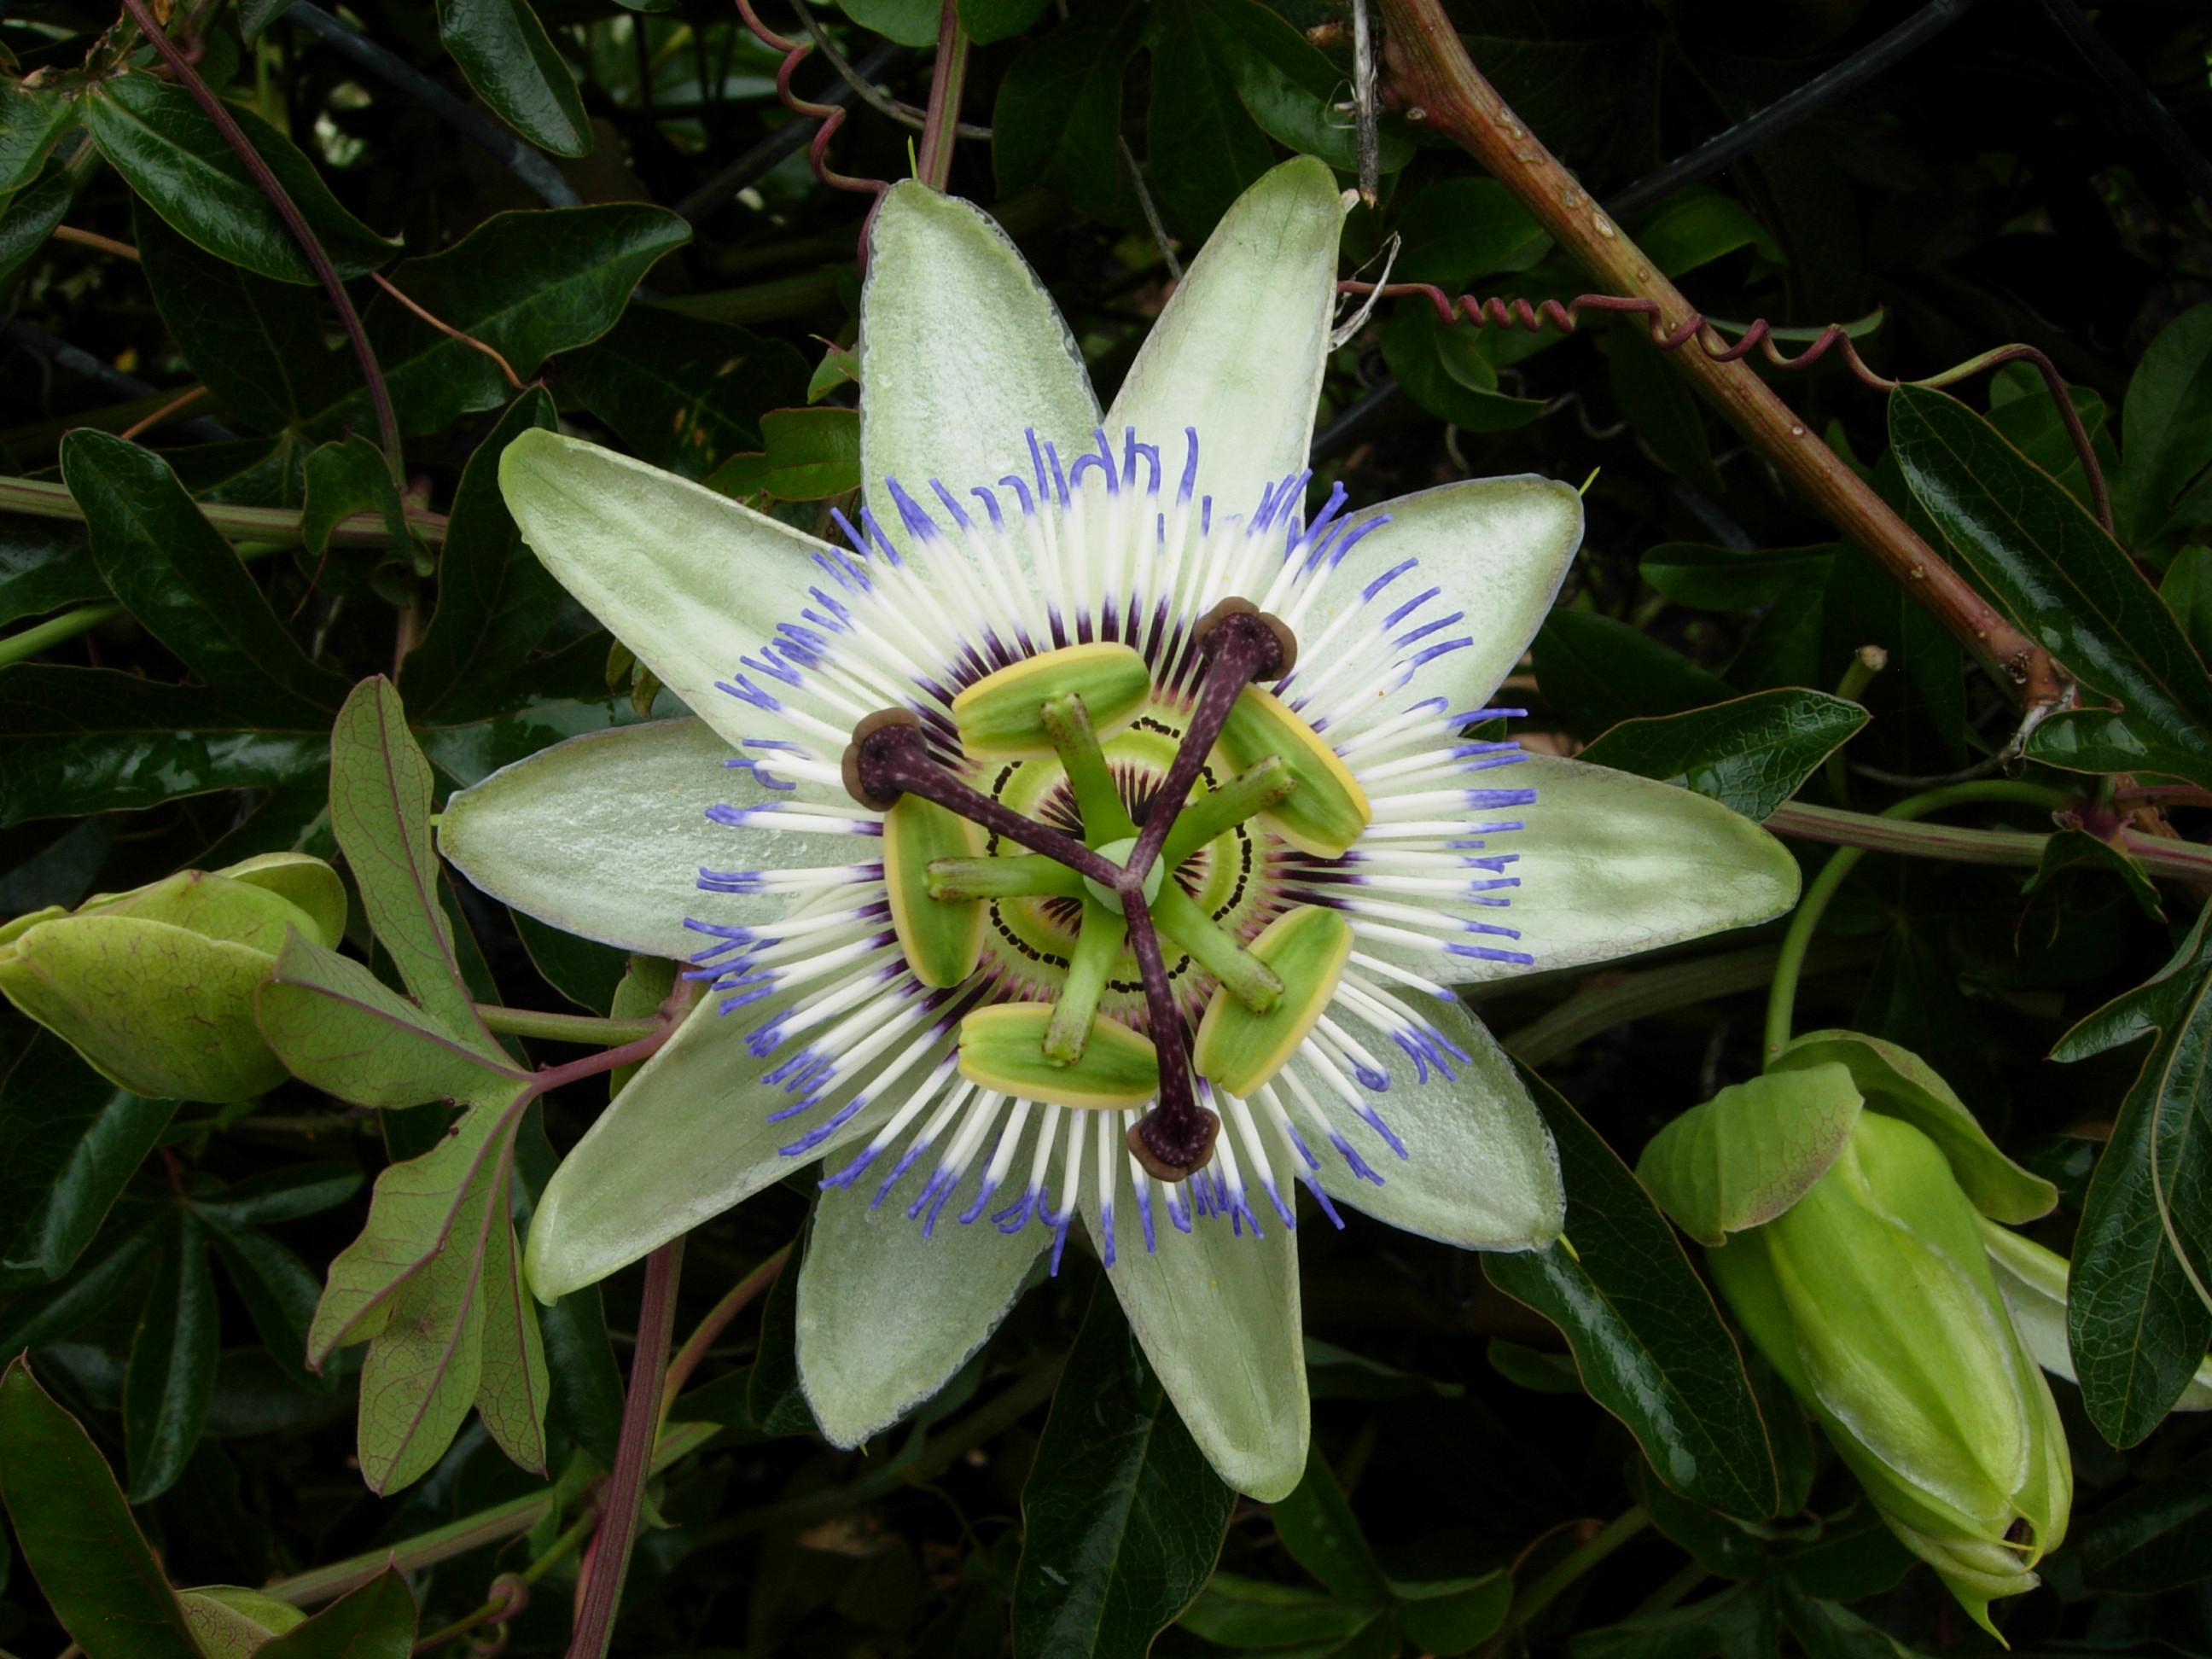 Passiflora_caerulea_flower,_2007.jpg (2592×1944)